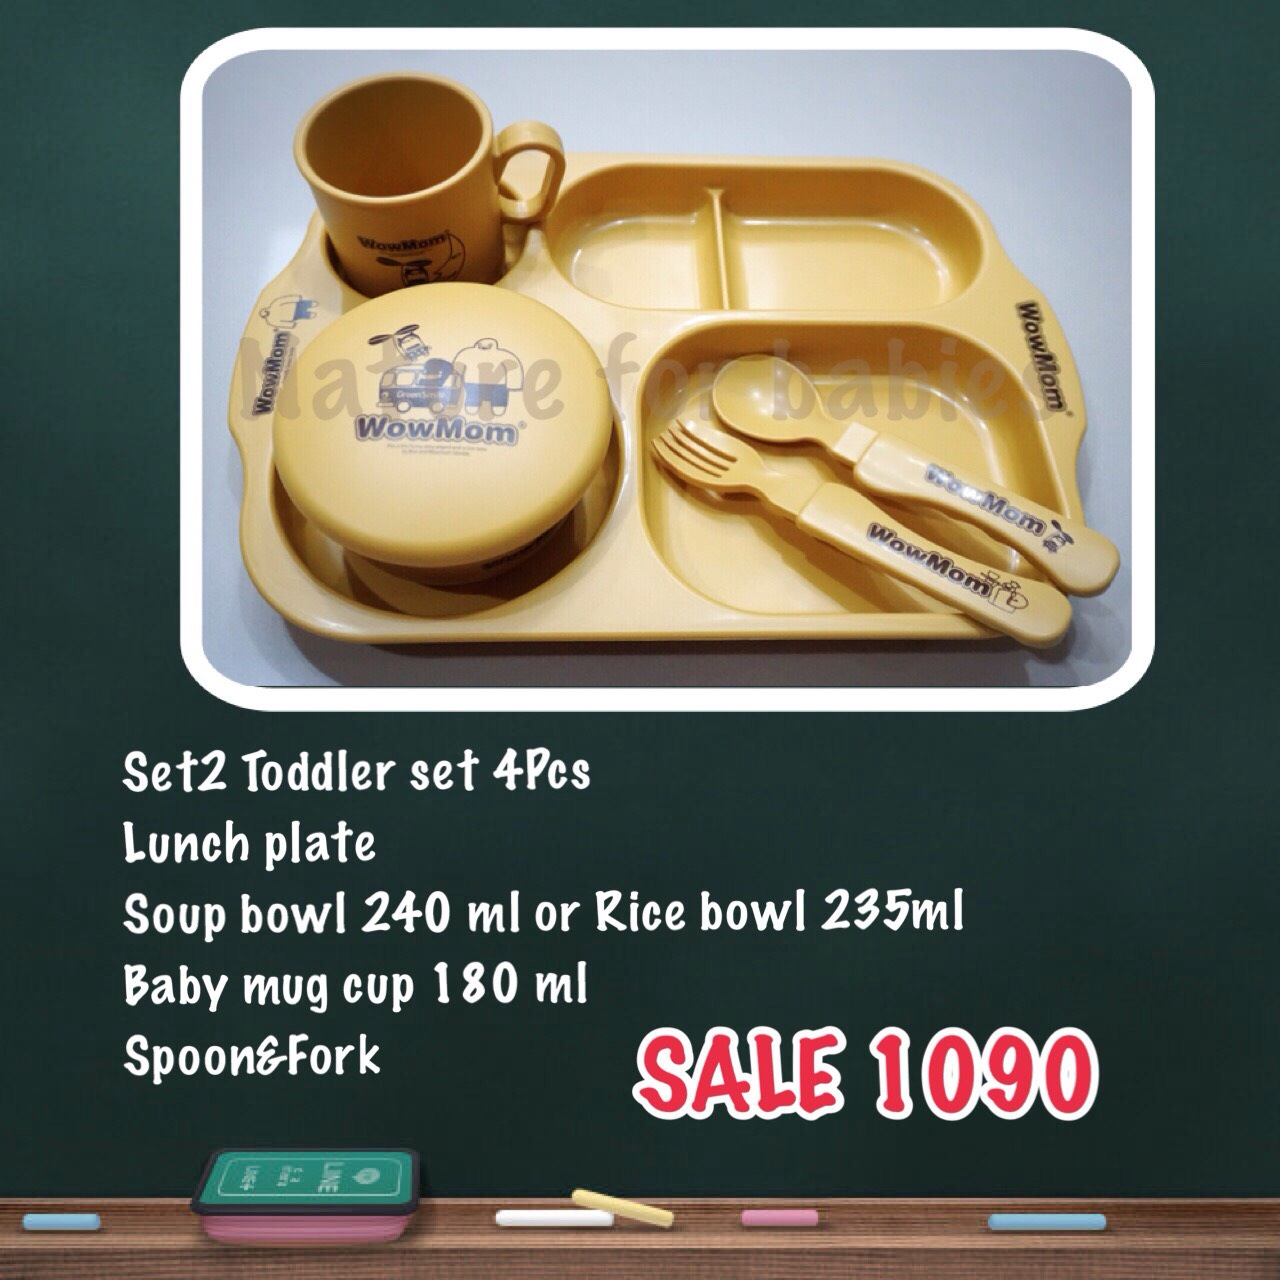 Set 2 Toddler Set 4 Pcs